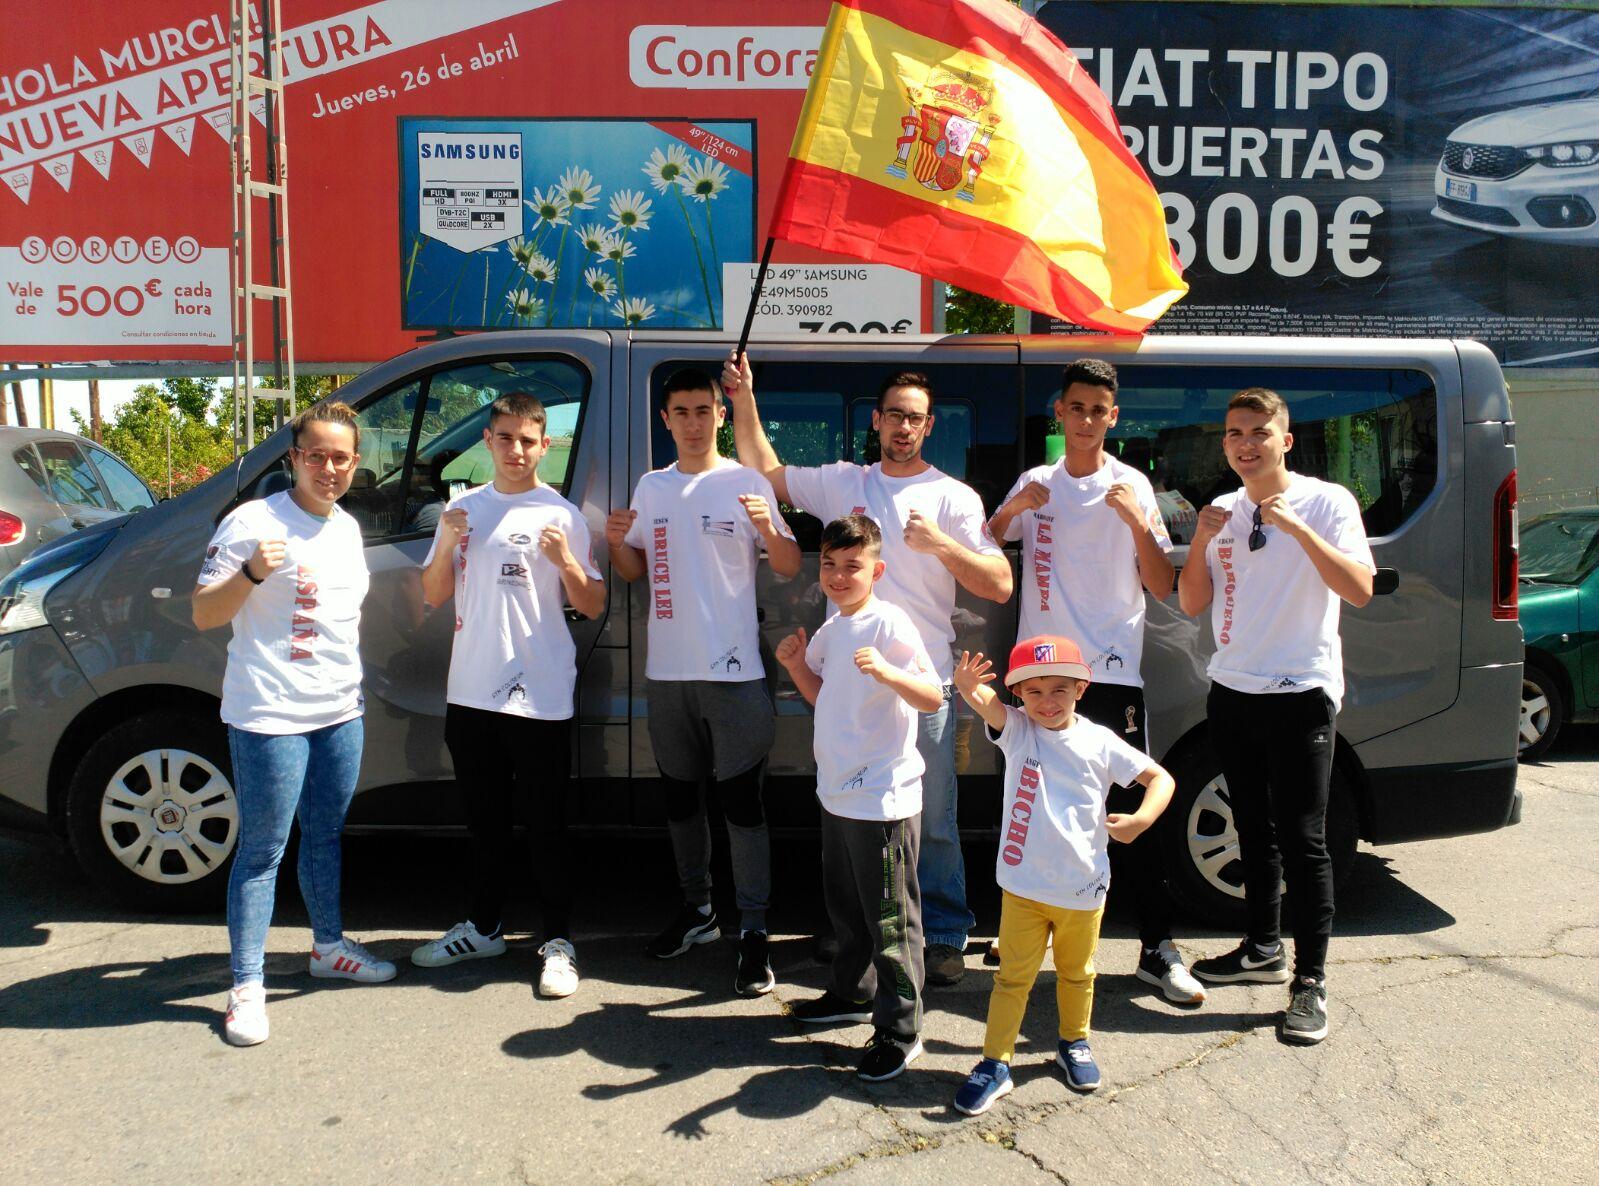 El equipo de WKL Murcia confio en una furgoneta de alquiler de 9 plazas de DFM Rent a Car para realizar el viaje de Murcia a San Marino, en el centro de Italia.